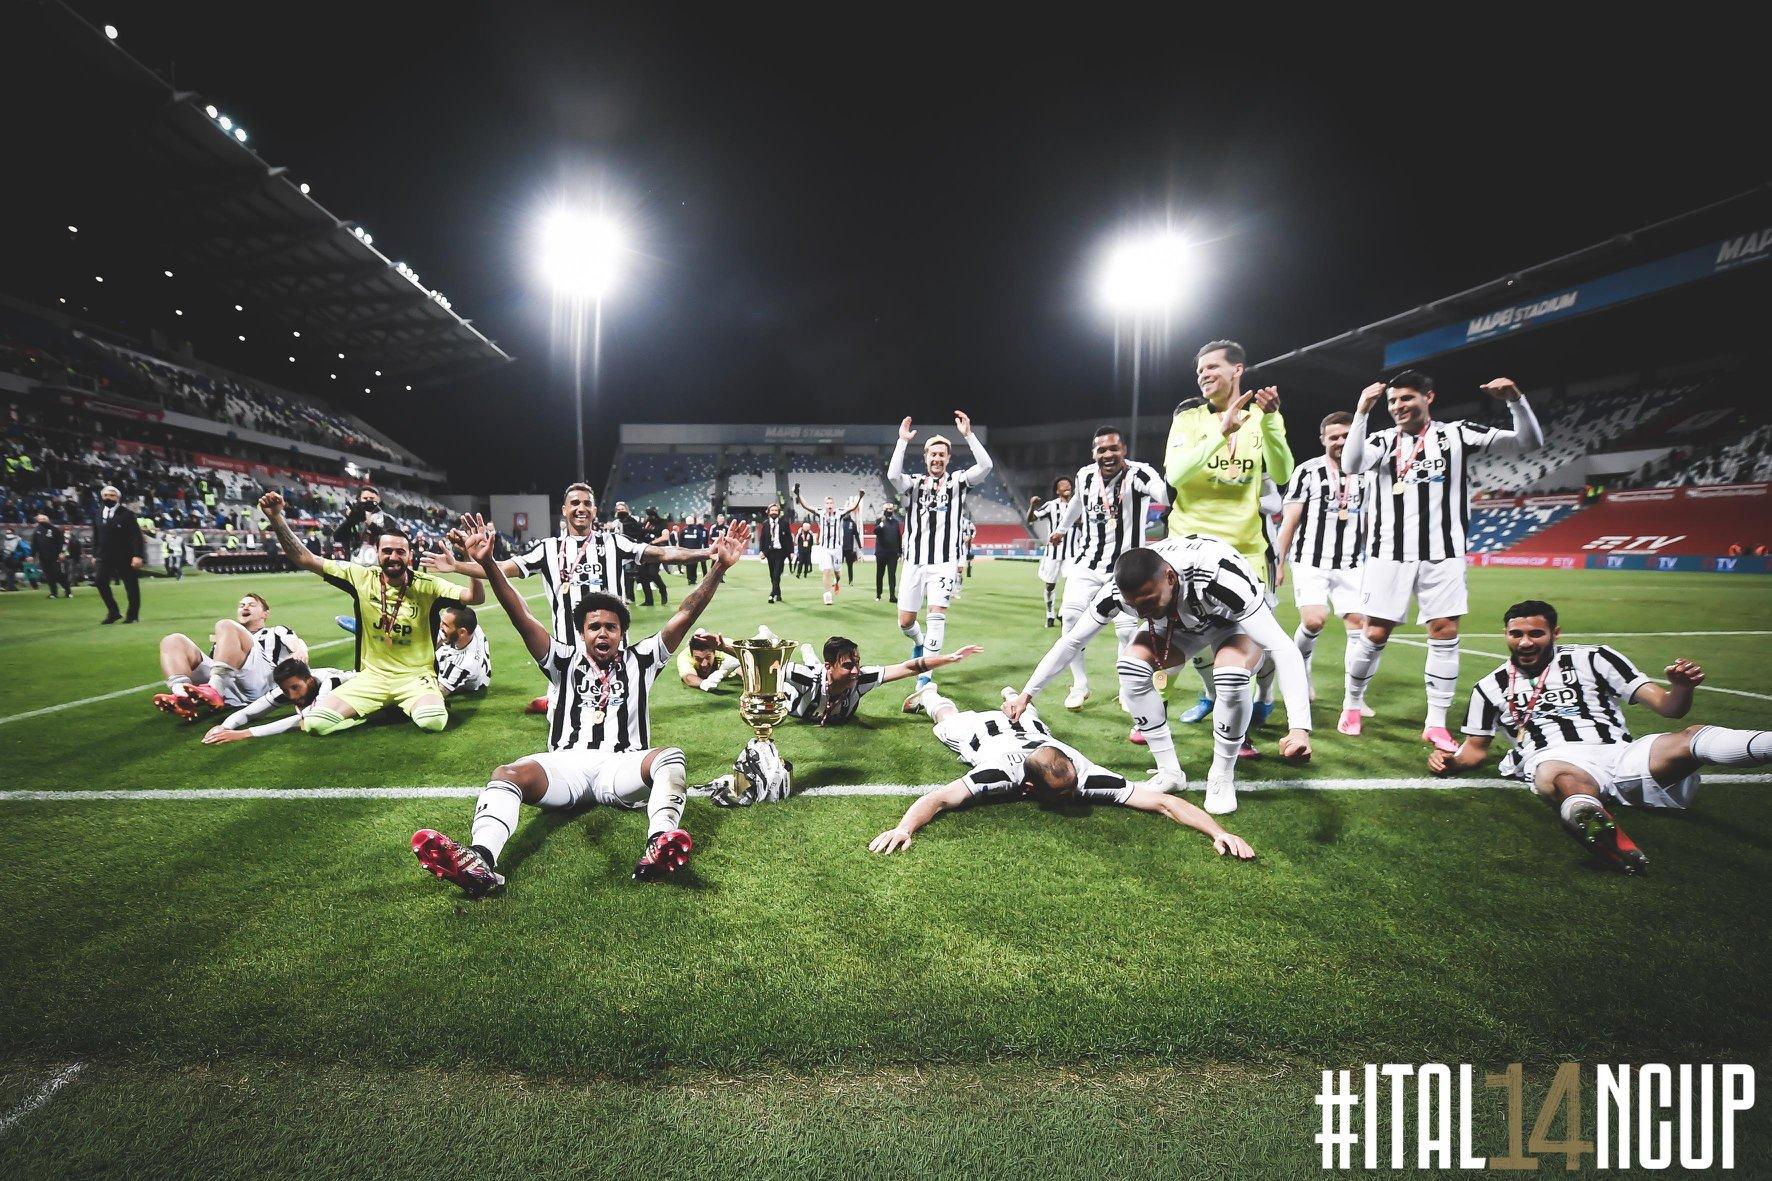 Nuk ka vend për të, Juventus akord me Hellas Verona për 22-vjeçarin